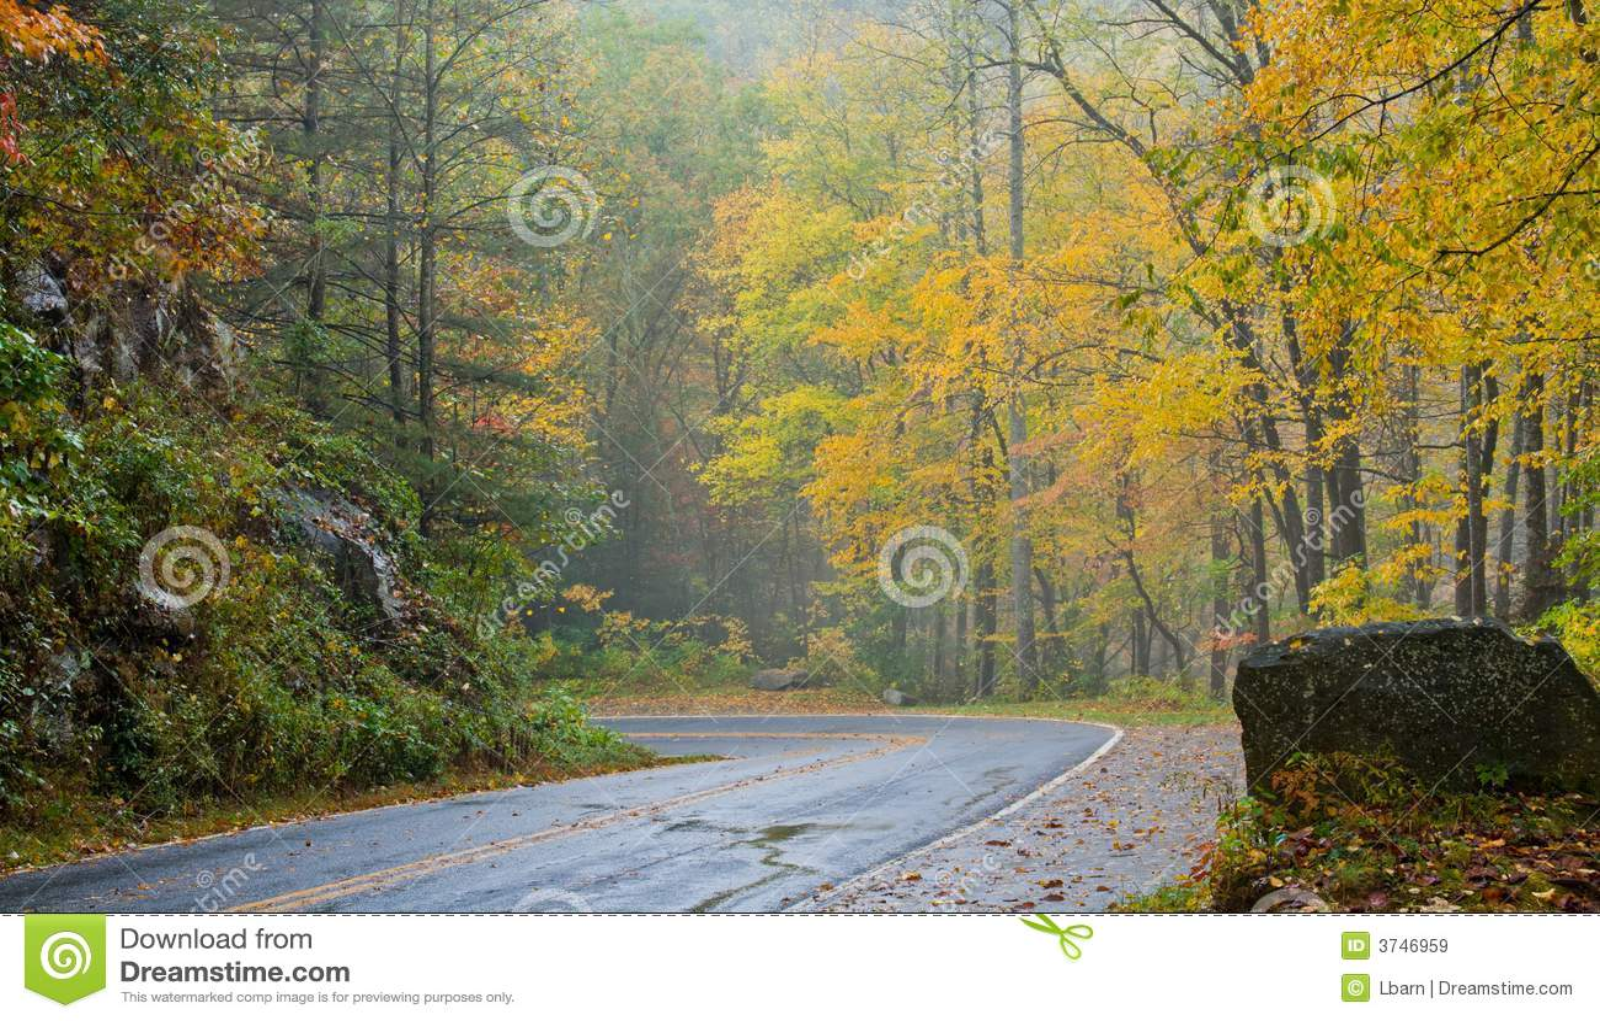 Fall roadside scenic yellow